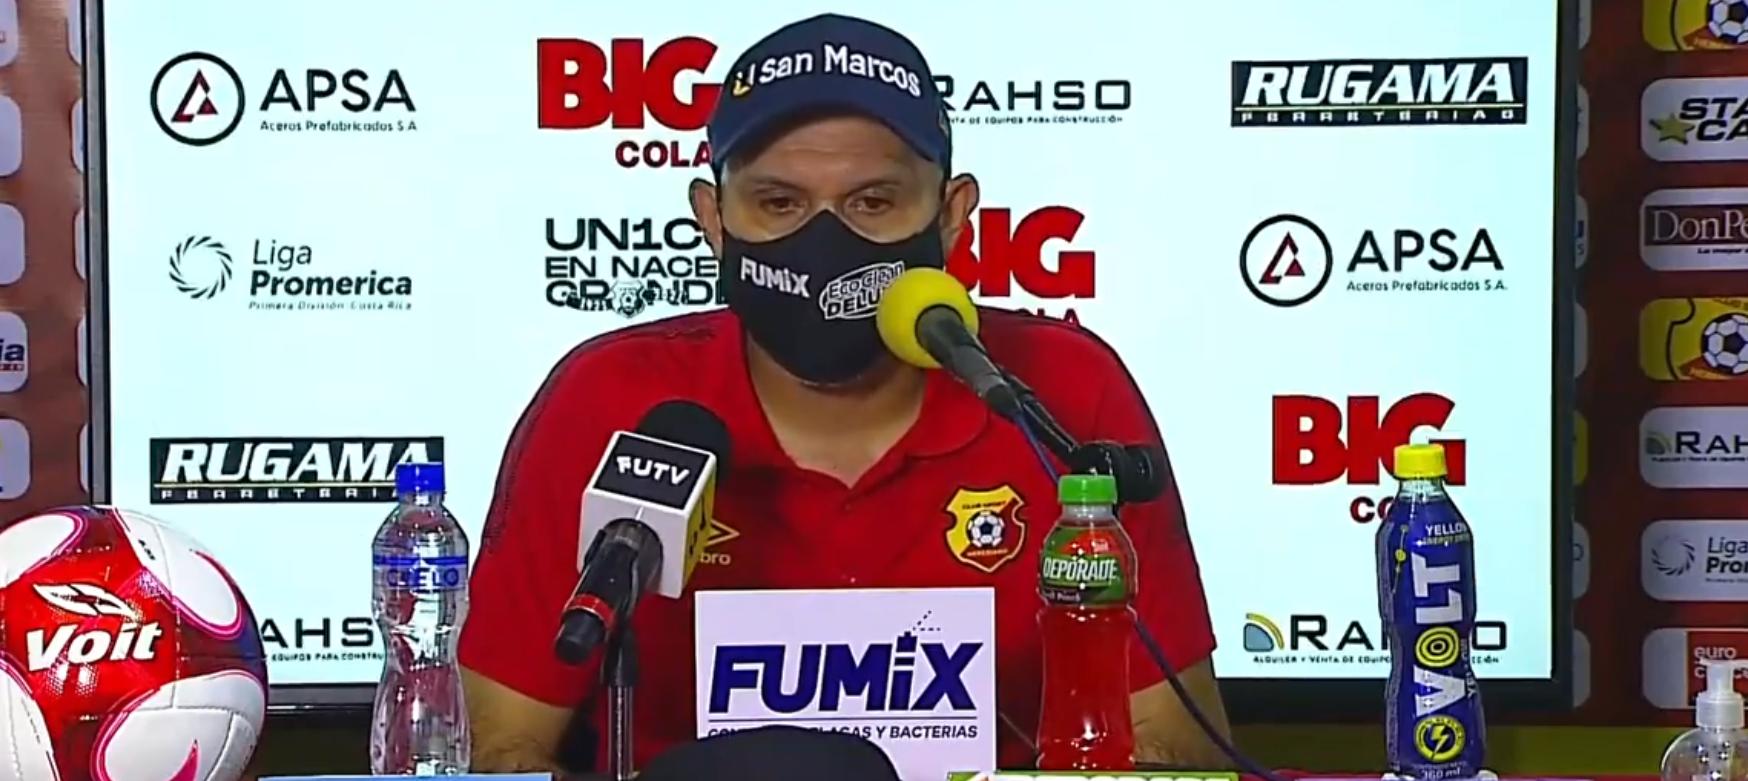 """Luis Marín: """"El rival puso más que nosotros en algo que no era futbolístico, tuvo más deseos, nos ganaron en querer más.""""."""